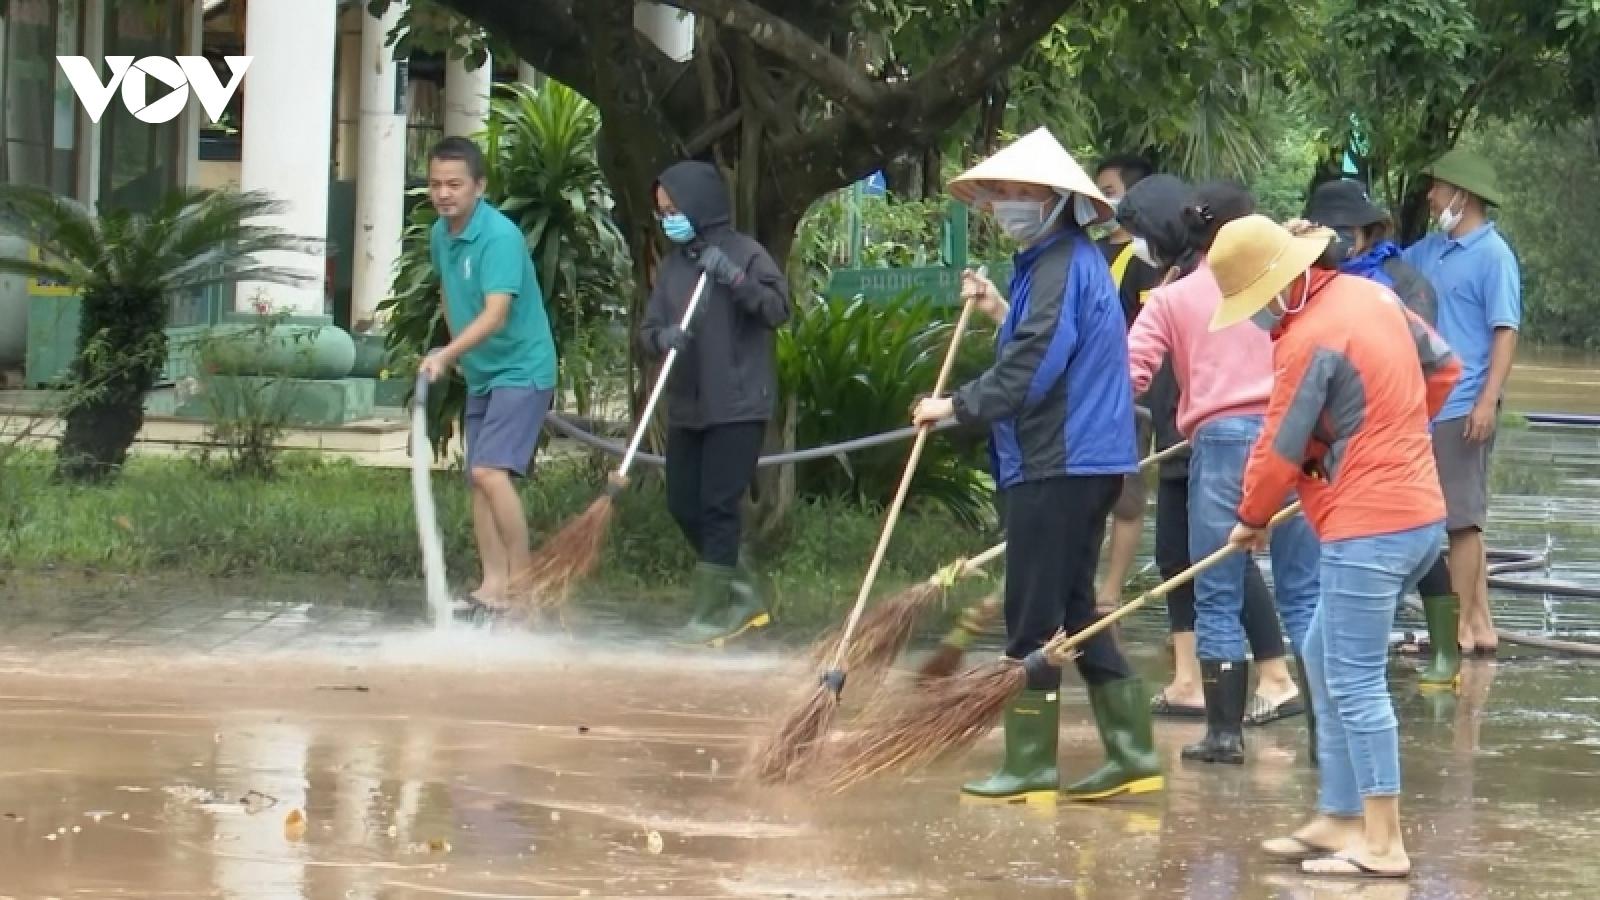 Quảng Bình khắc phục hậu quả mưa lũ, chuẩn bị ứng phó với đợt mưa lớn sắp tới